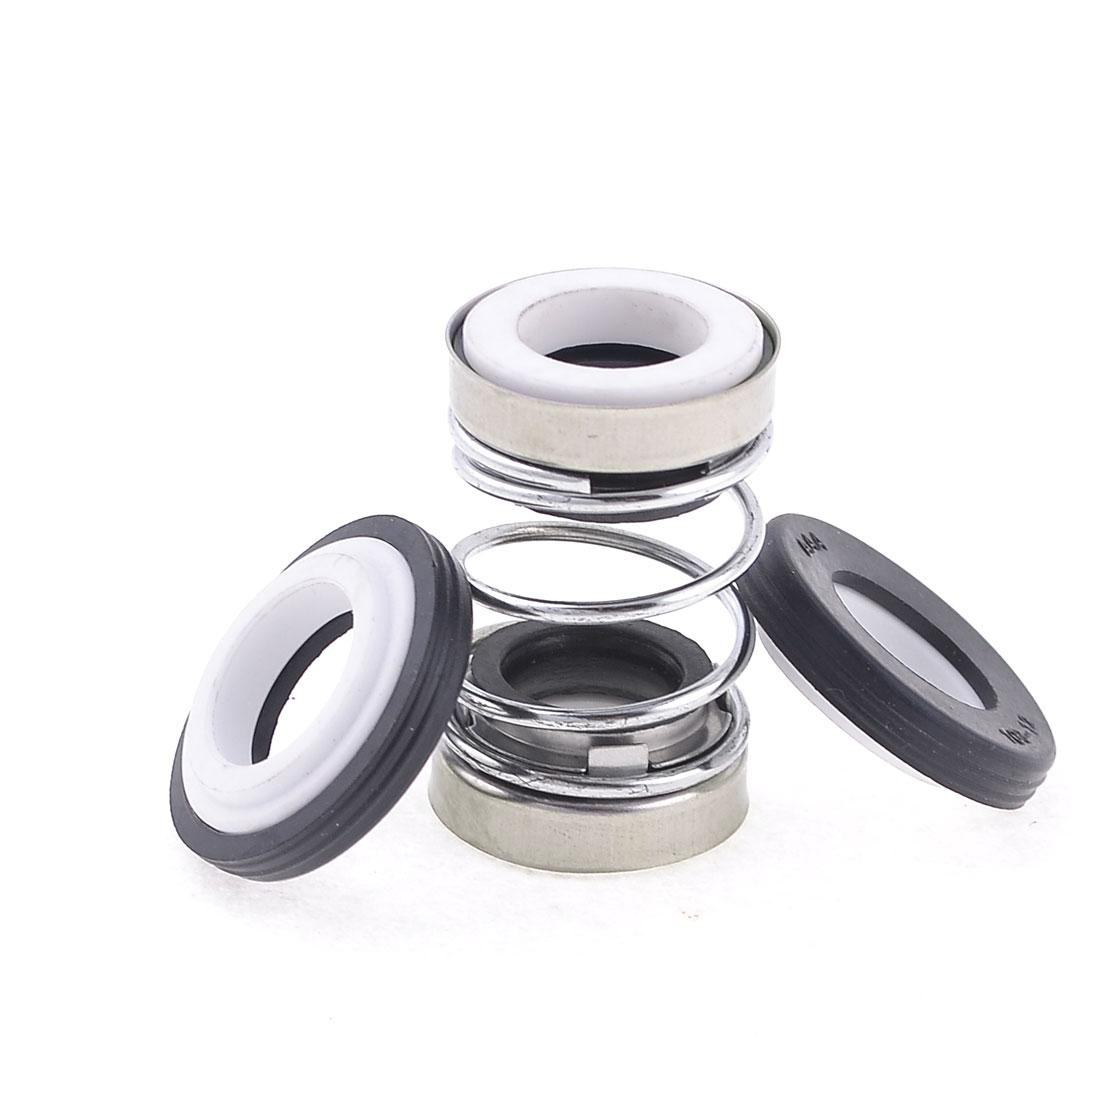 12mm Internal Dia Rubber Bellows Coil Water Mechanical Seal 43mm High